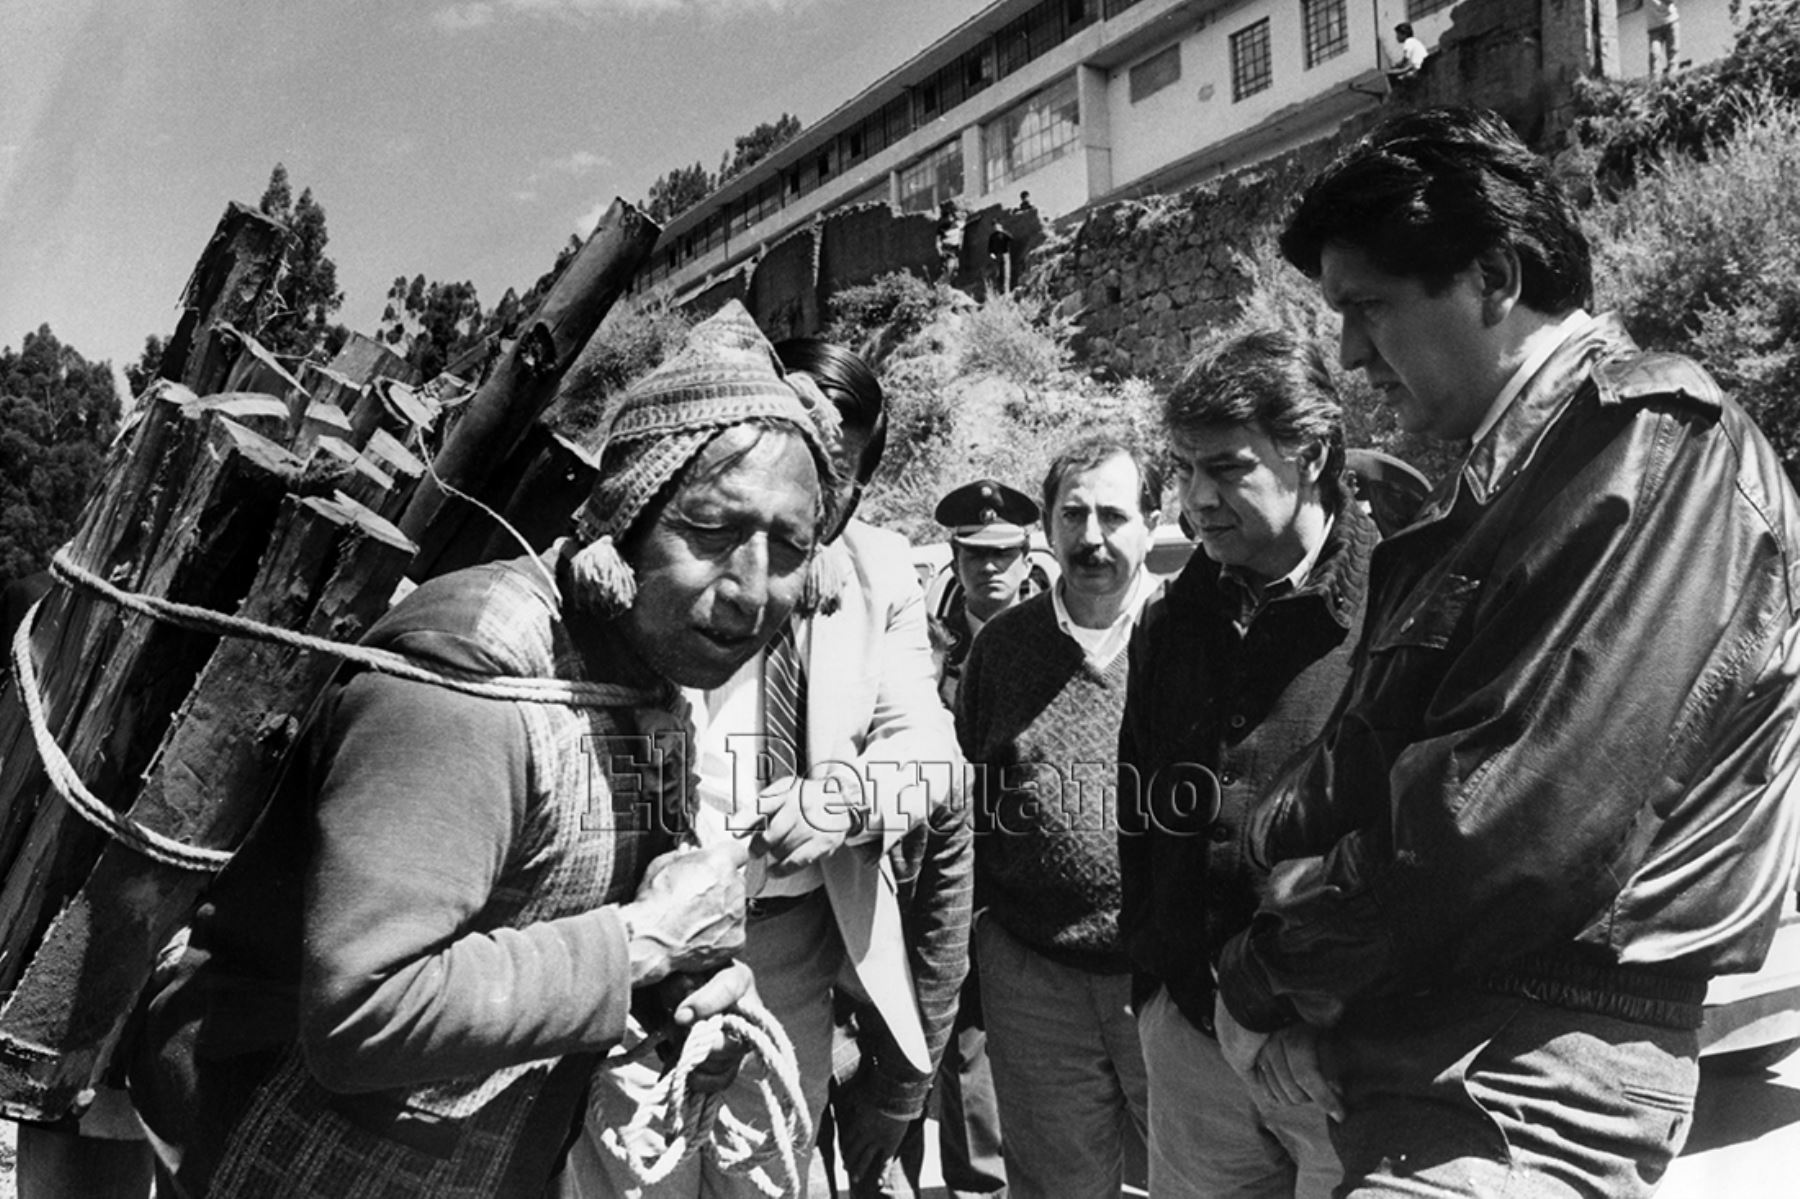 Cusco - 13 noviembre 1986 . Los gobernantes de España, Felipe González, y de Perú, Alan García Pérez, dialogan con un campesino cusqueño durante un recorrido espontáneo por las calles de la capital histórica del Perú.   Foto: Presidencia de la República